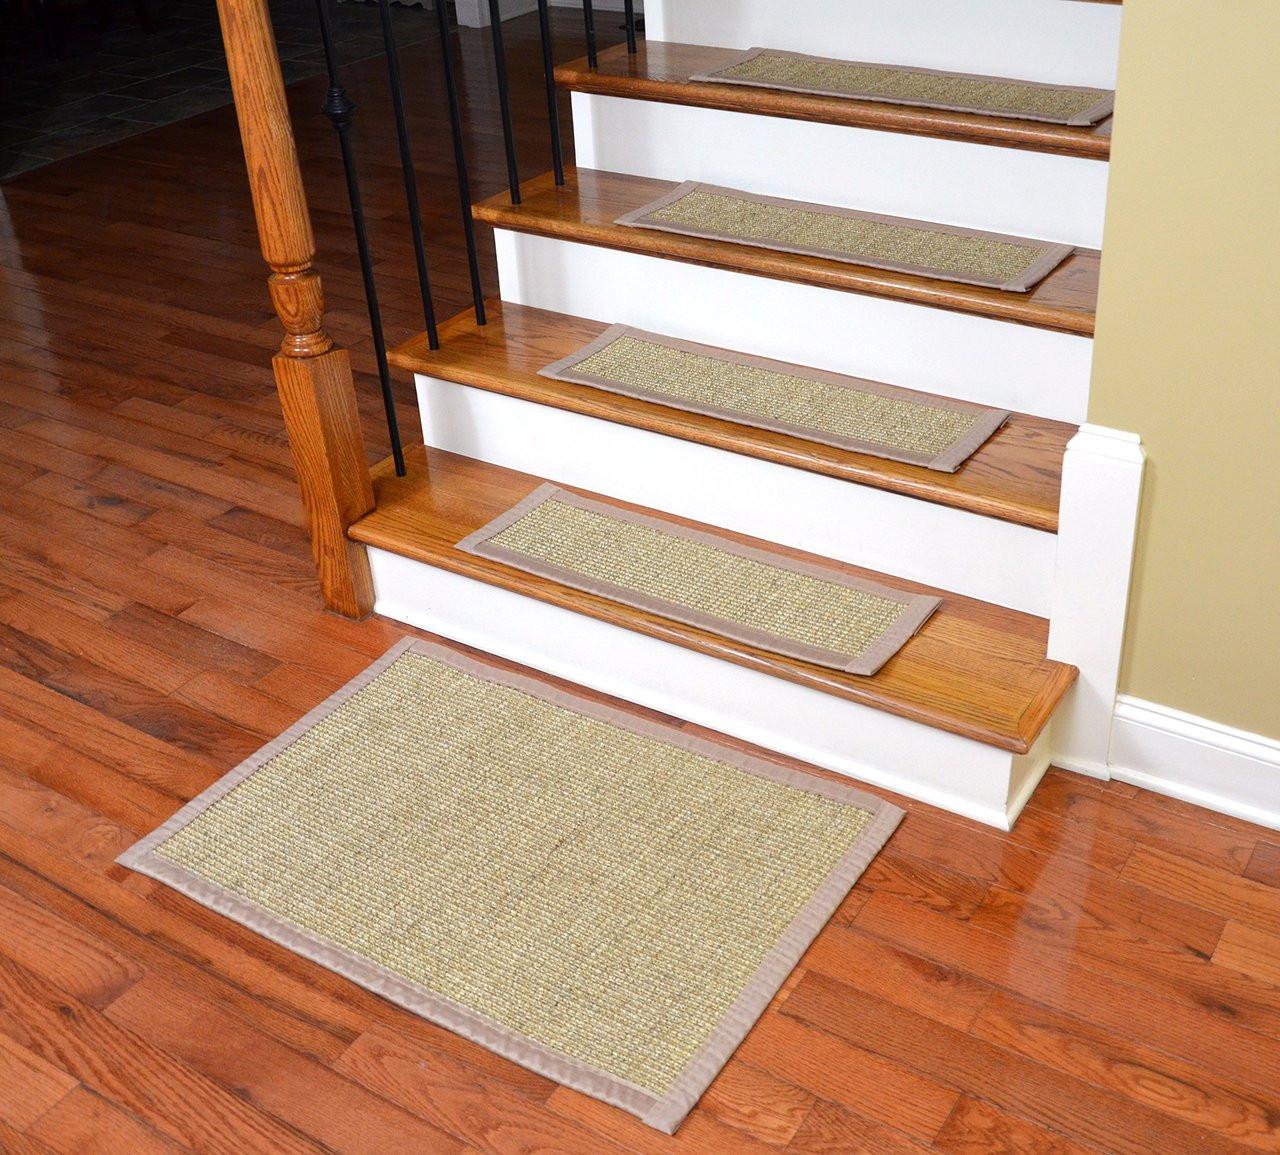 Image of: Dean Sisal Carpet Stair Treads Set Of 13 W Landing Mat